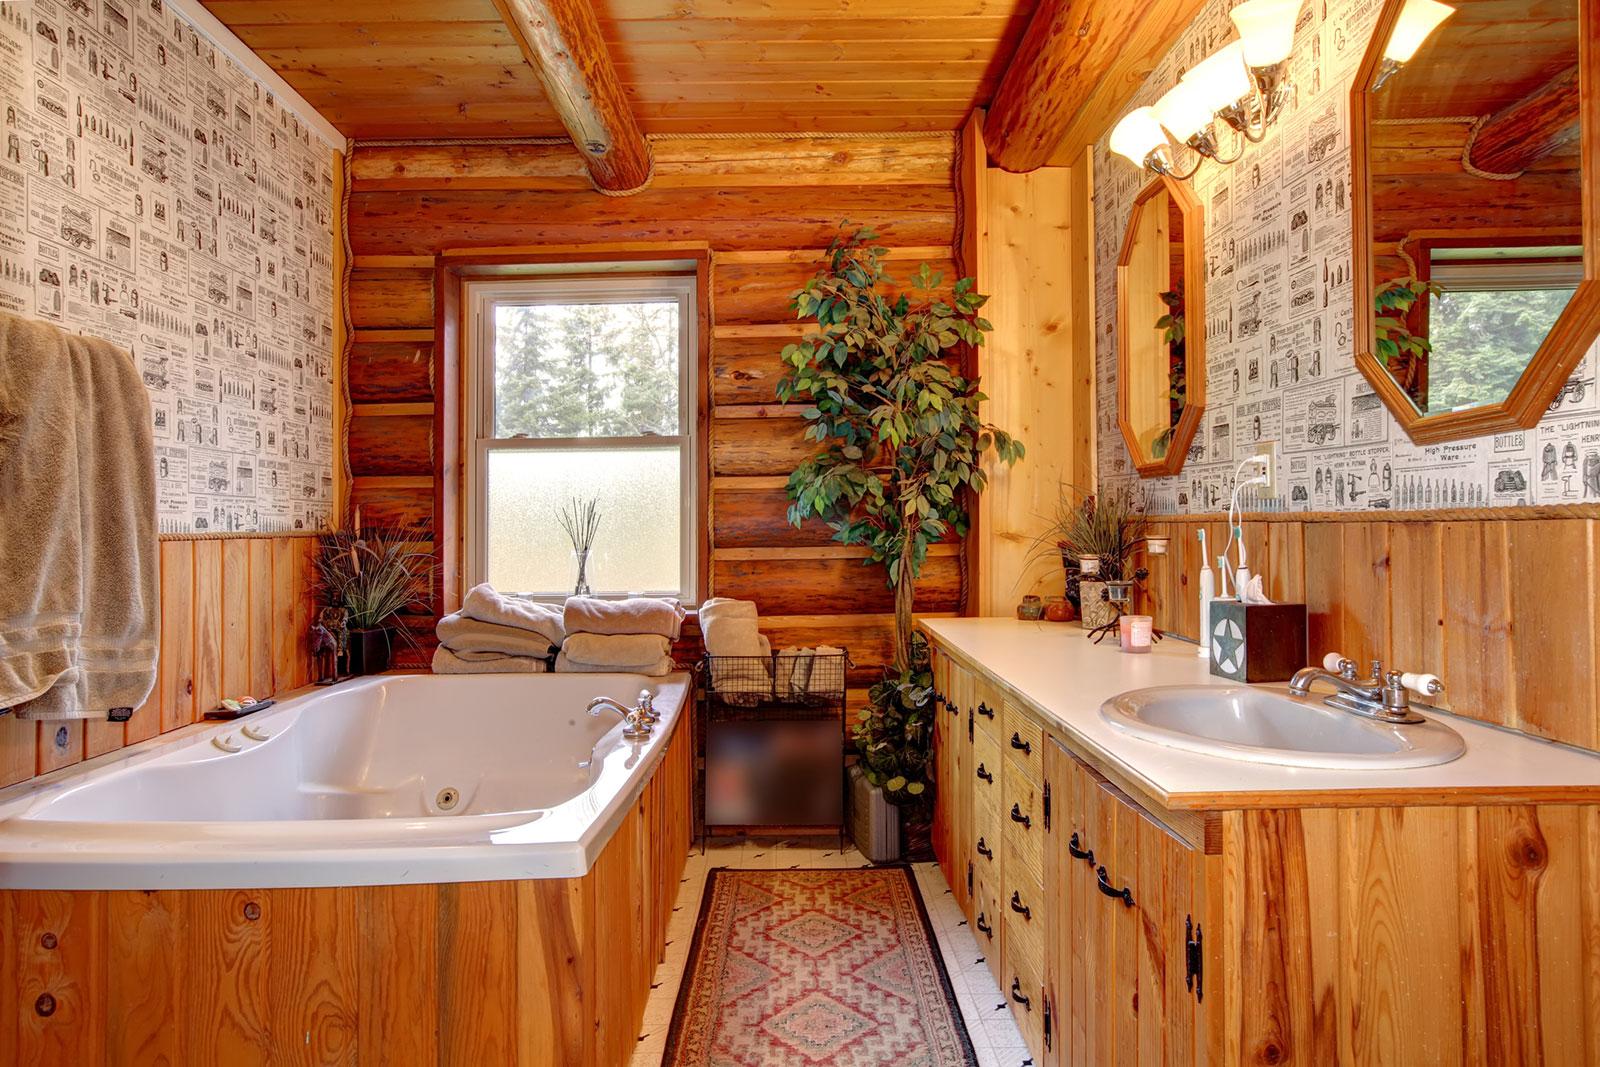 Western Bath Decor  LoveToKnow